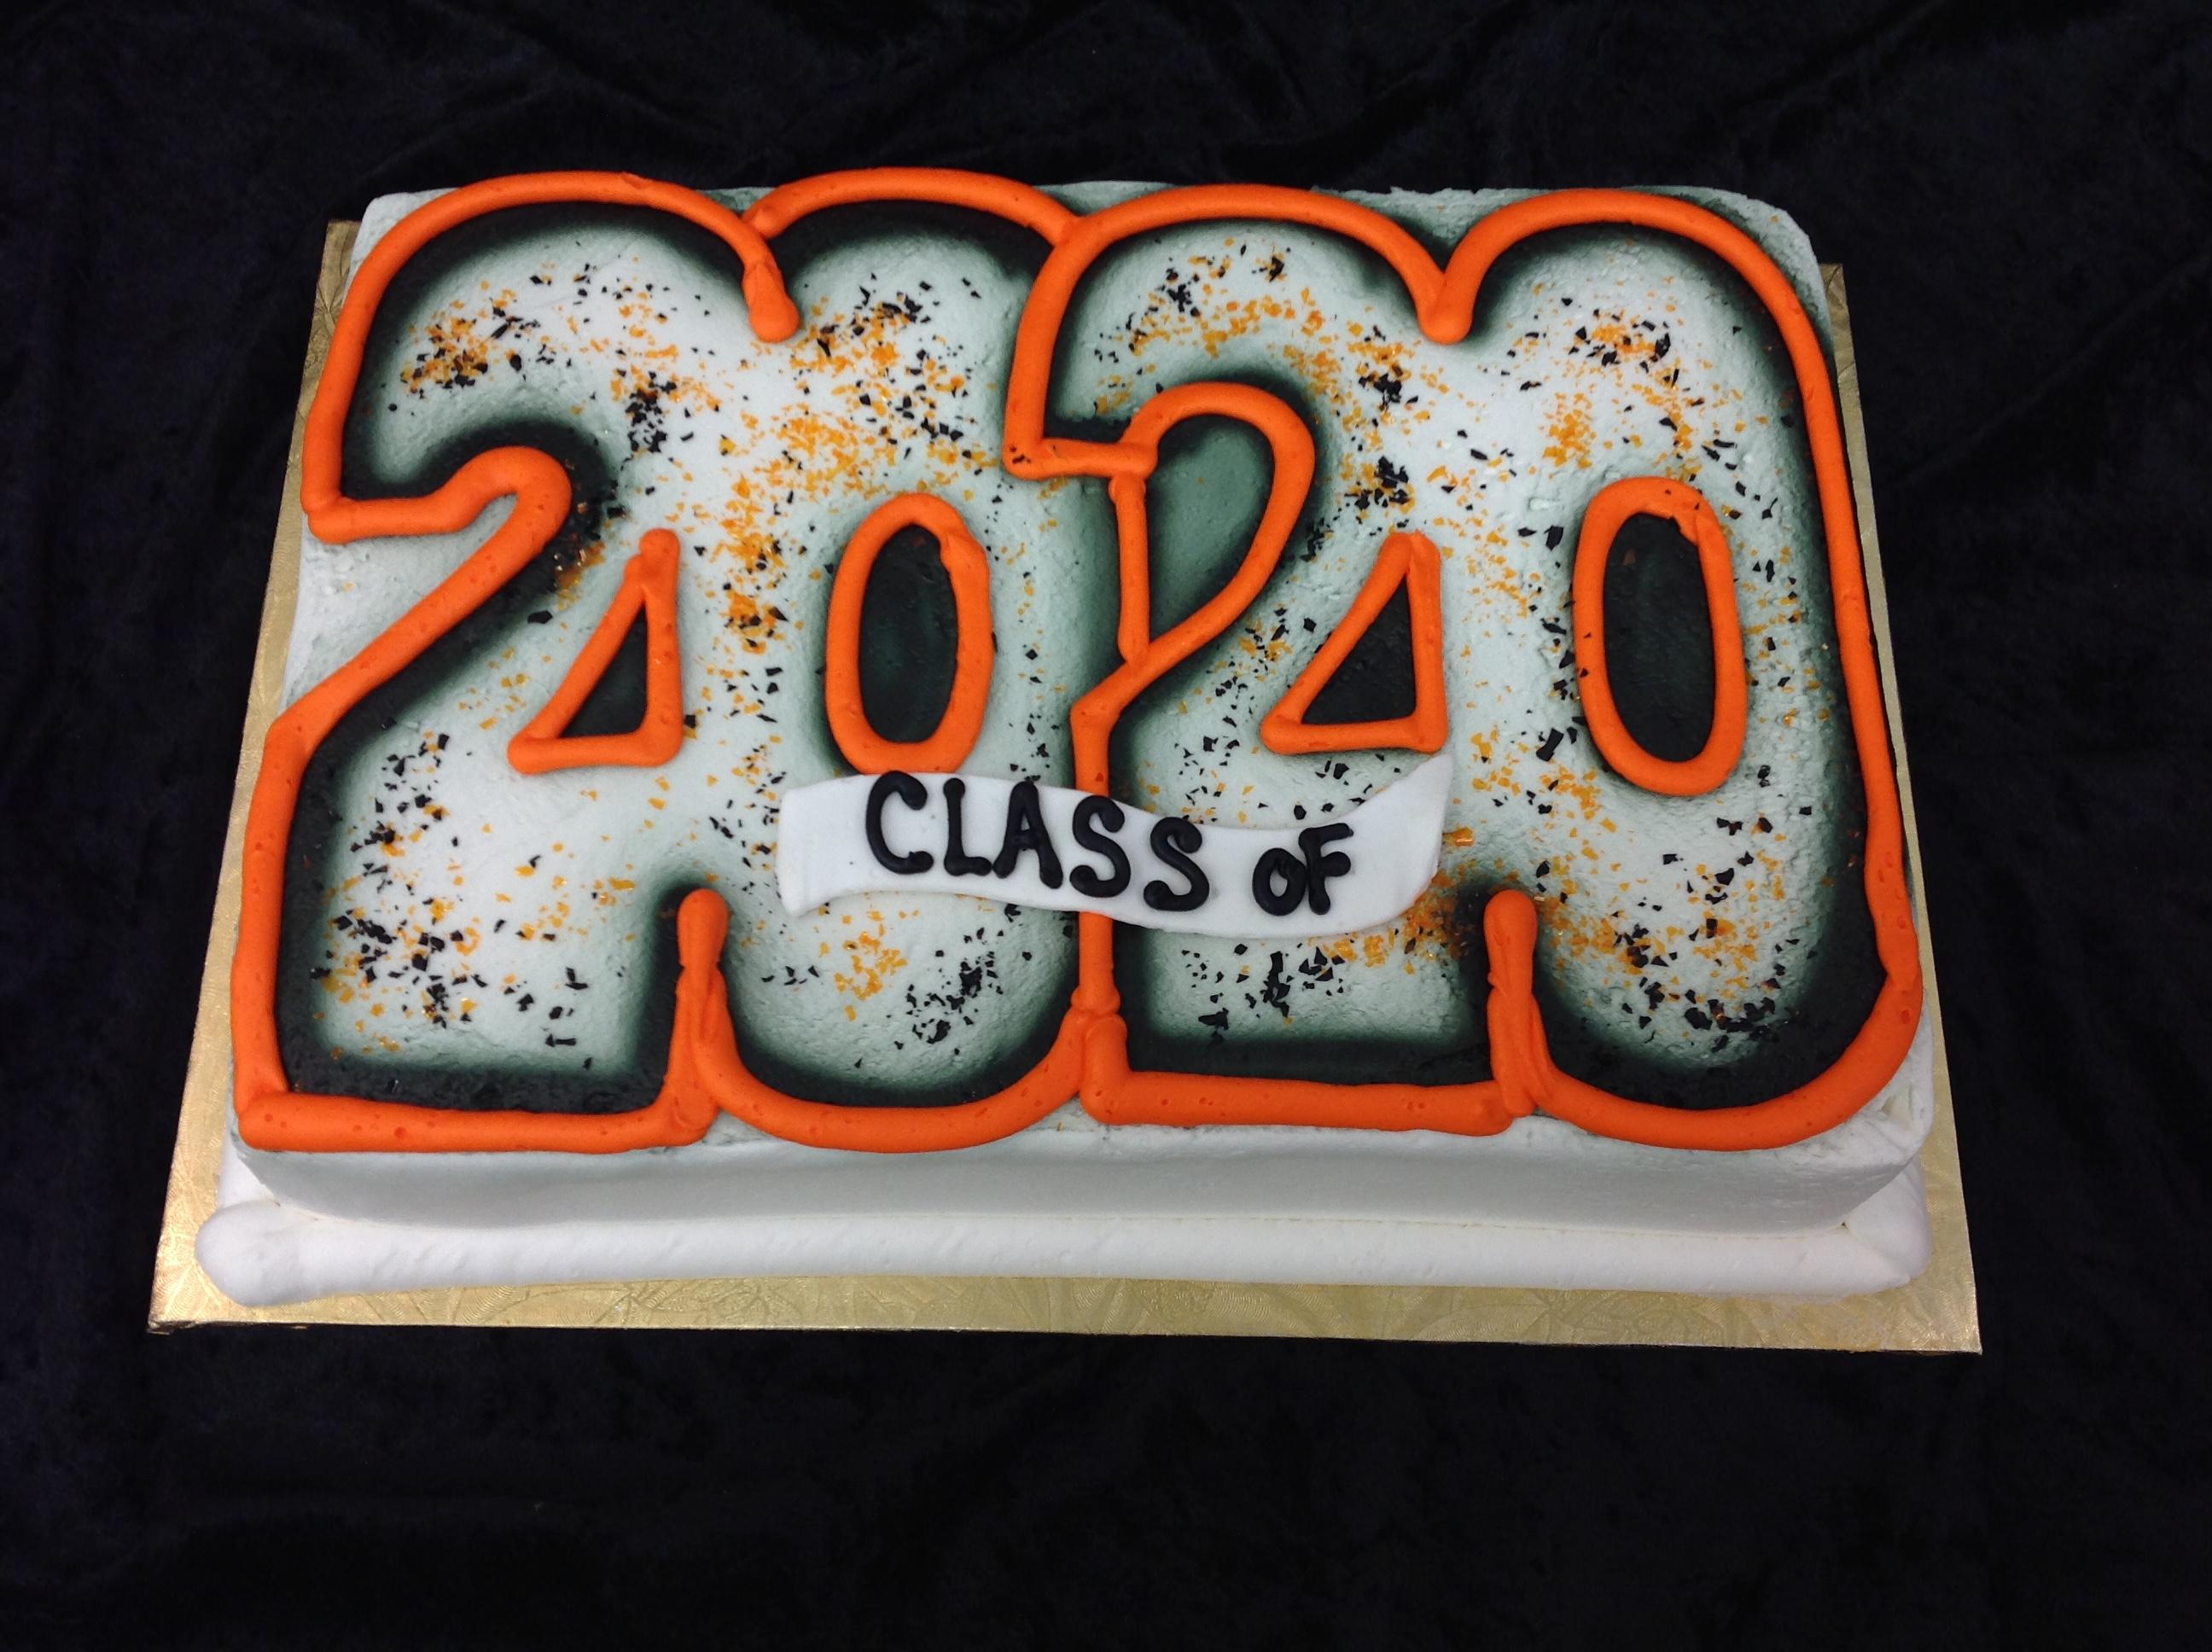 G-874 Class of 2020